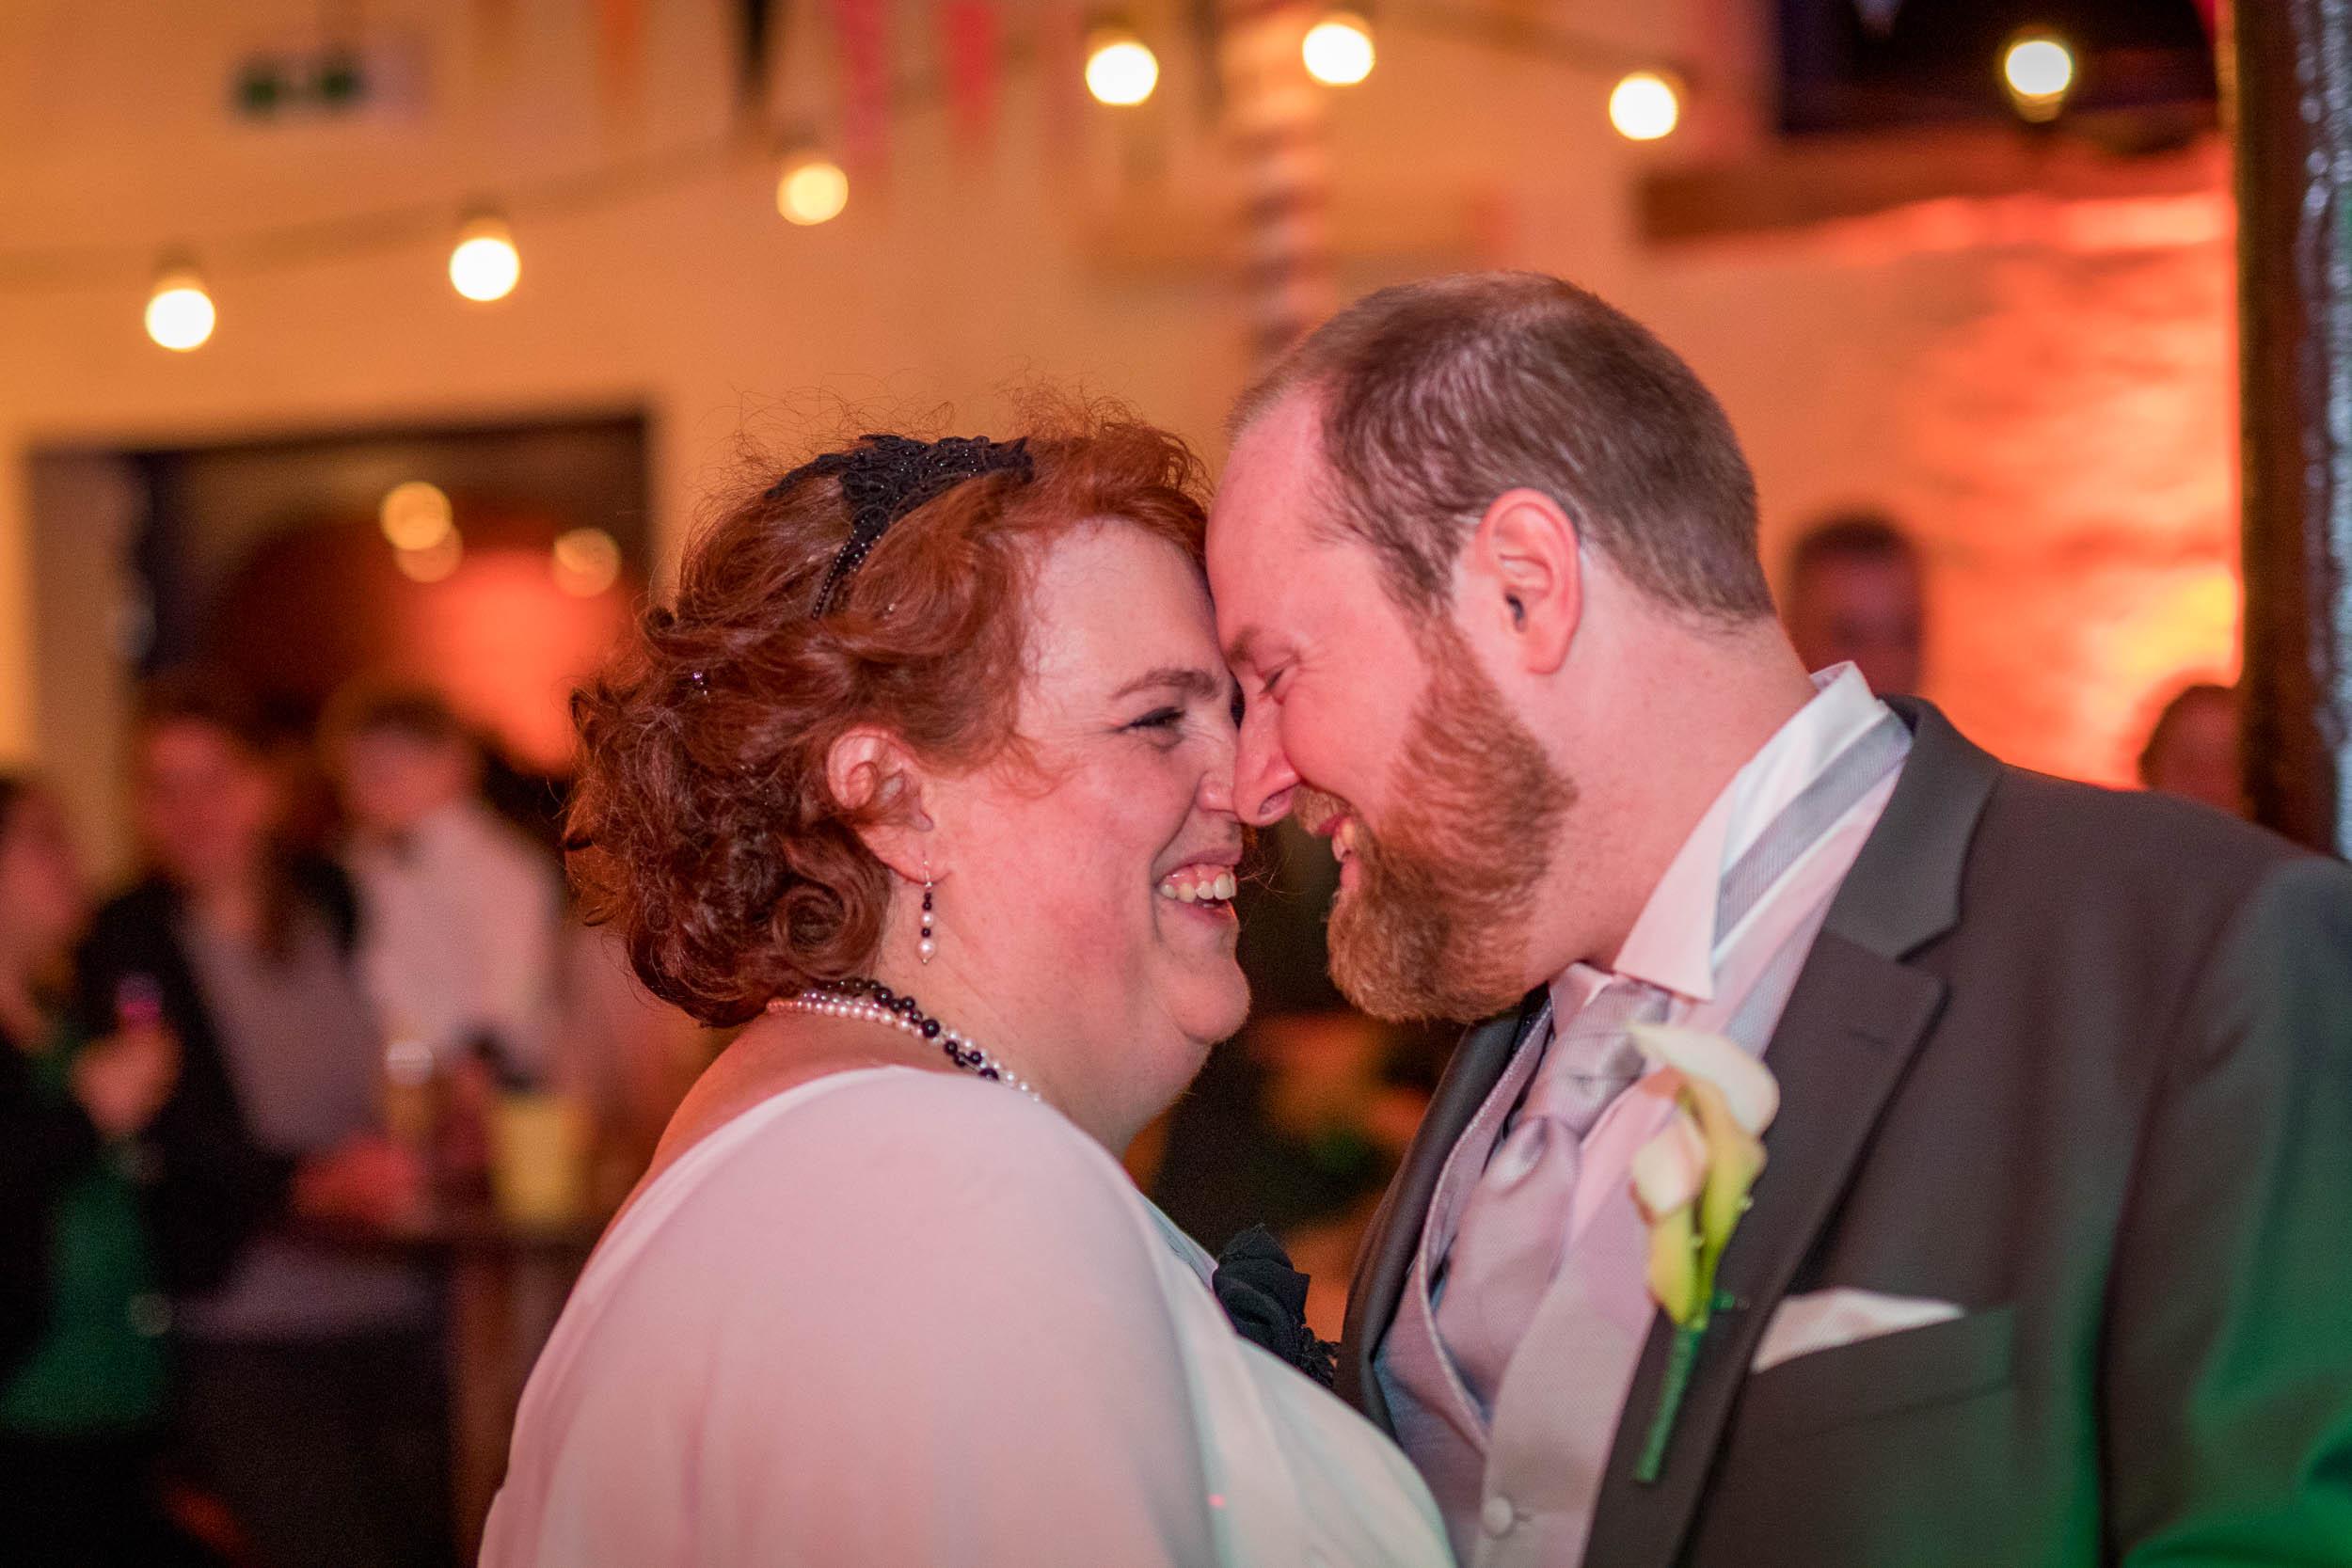 Reportage photo lors d'un mariage